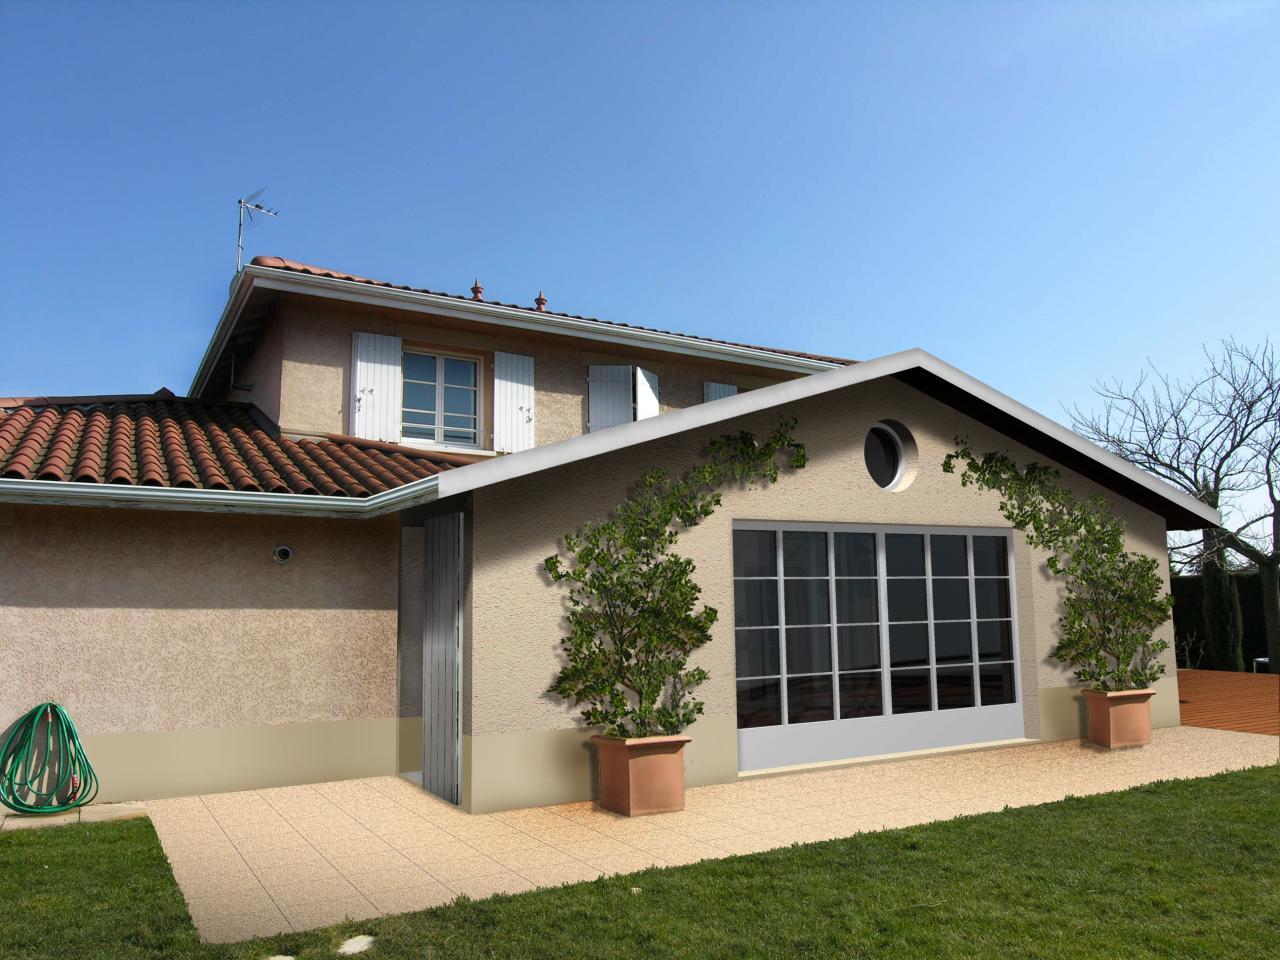 Extension d 39 une maison en rdc - Photo d une maison ...